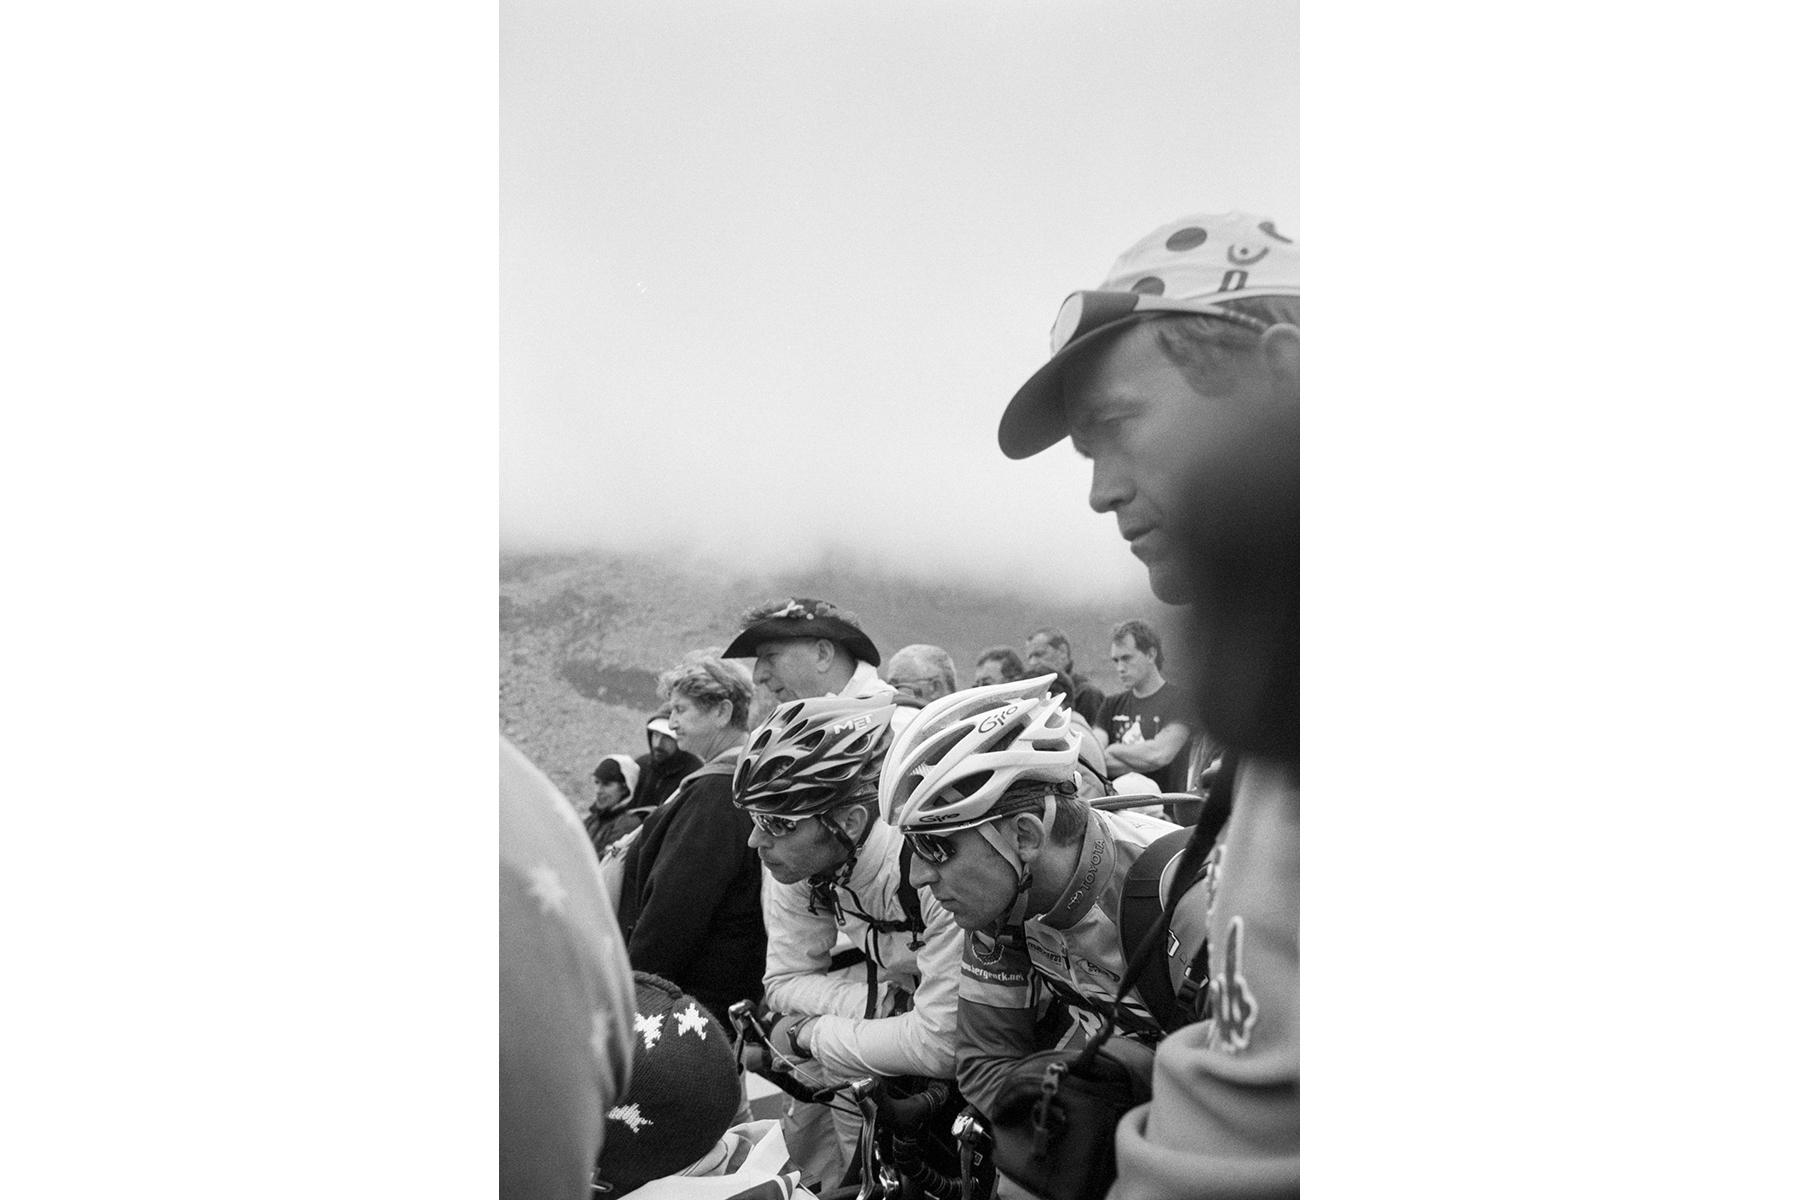 Le Tour de France 2008 Fans concentrated on following the Tour on a television that someone has set up here. Ici, des fans obnubilés par un téléviseur que quelqu'un a monté là. Fans schauen konzentriert auf einen Fernseher, den jemand hier oben aufgebaut hat. Los aficionados miran una TV muy concentrados, que alguien ha montado aquí en la montaña.